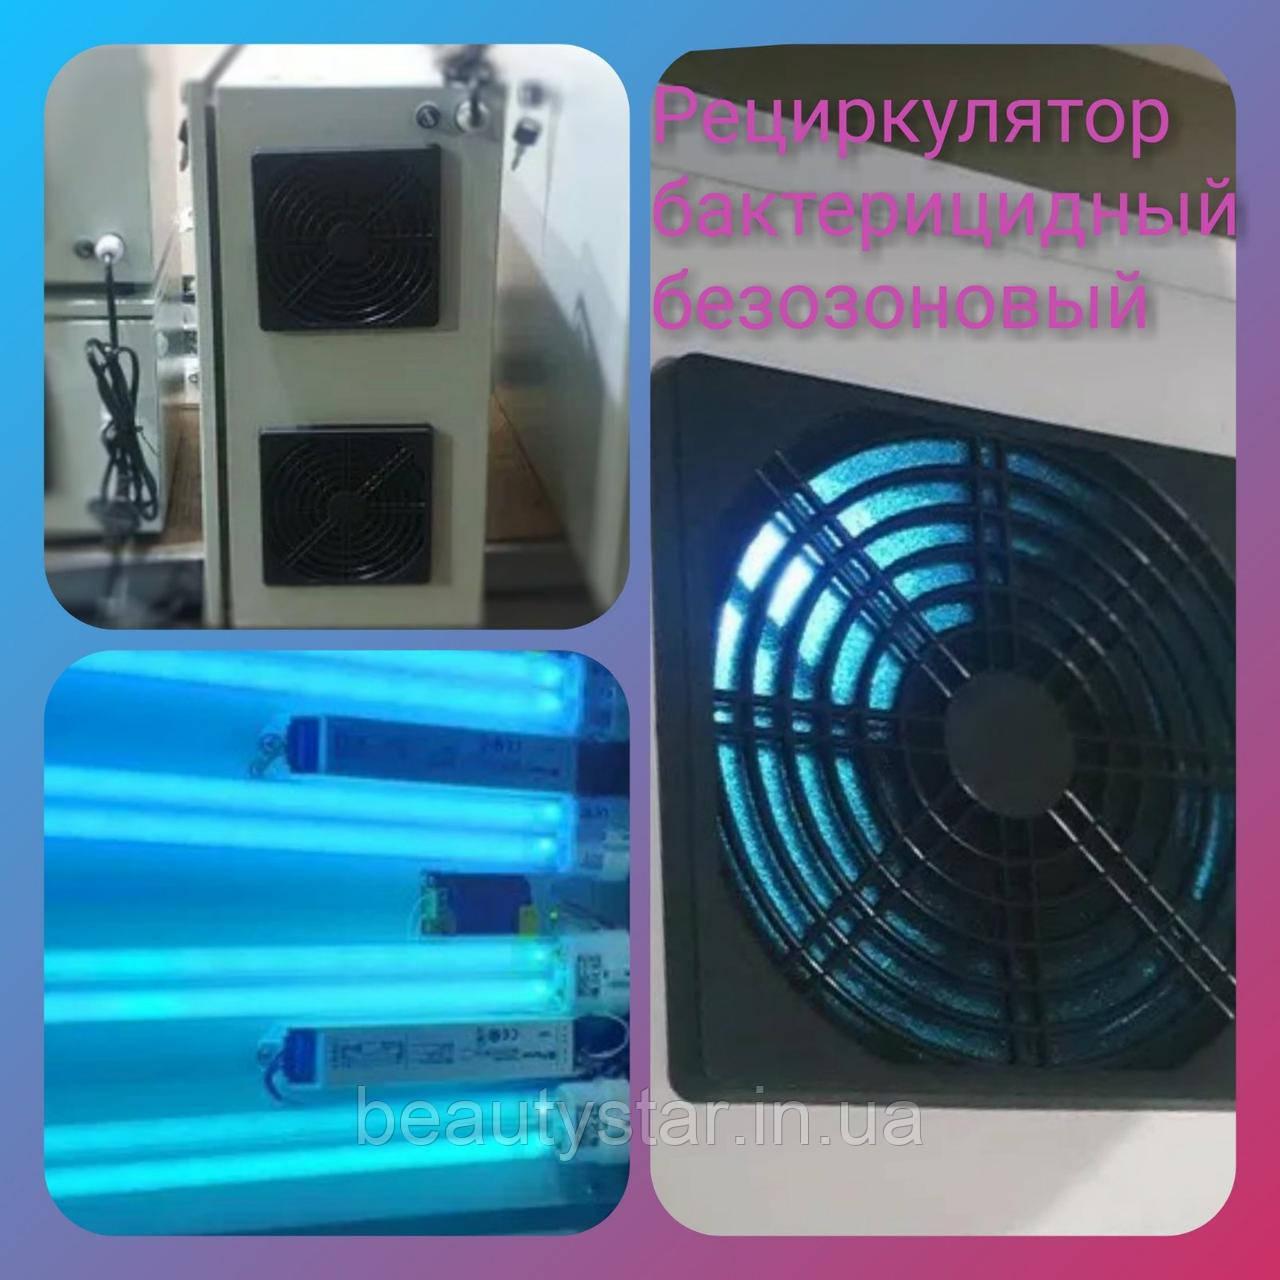 Рециркулятор -очищувач повітря, бактерицидний опромінювач (лампа бактерицидна безозоновая)